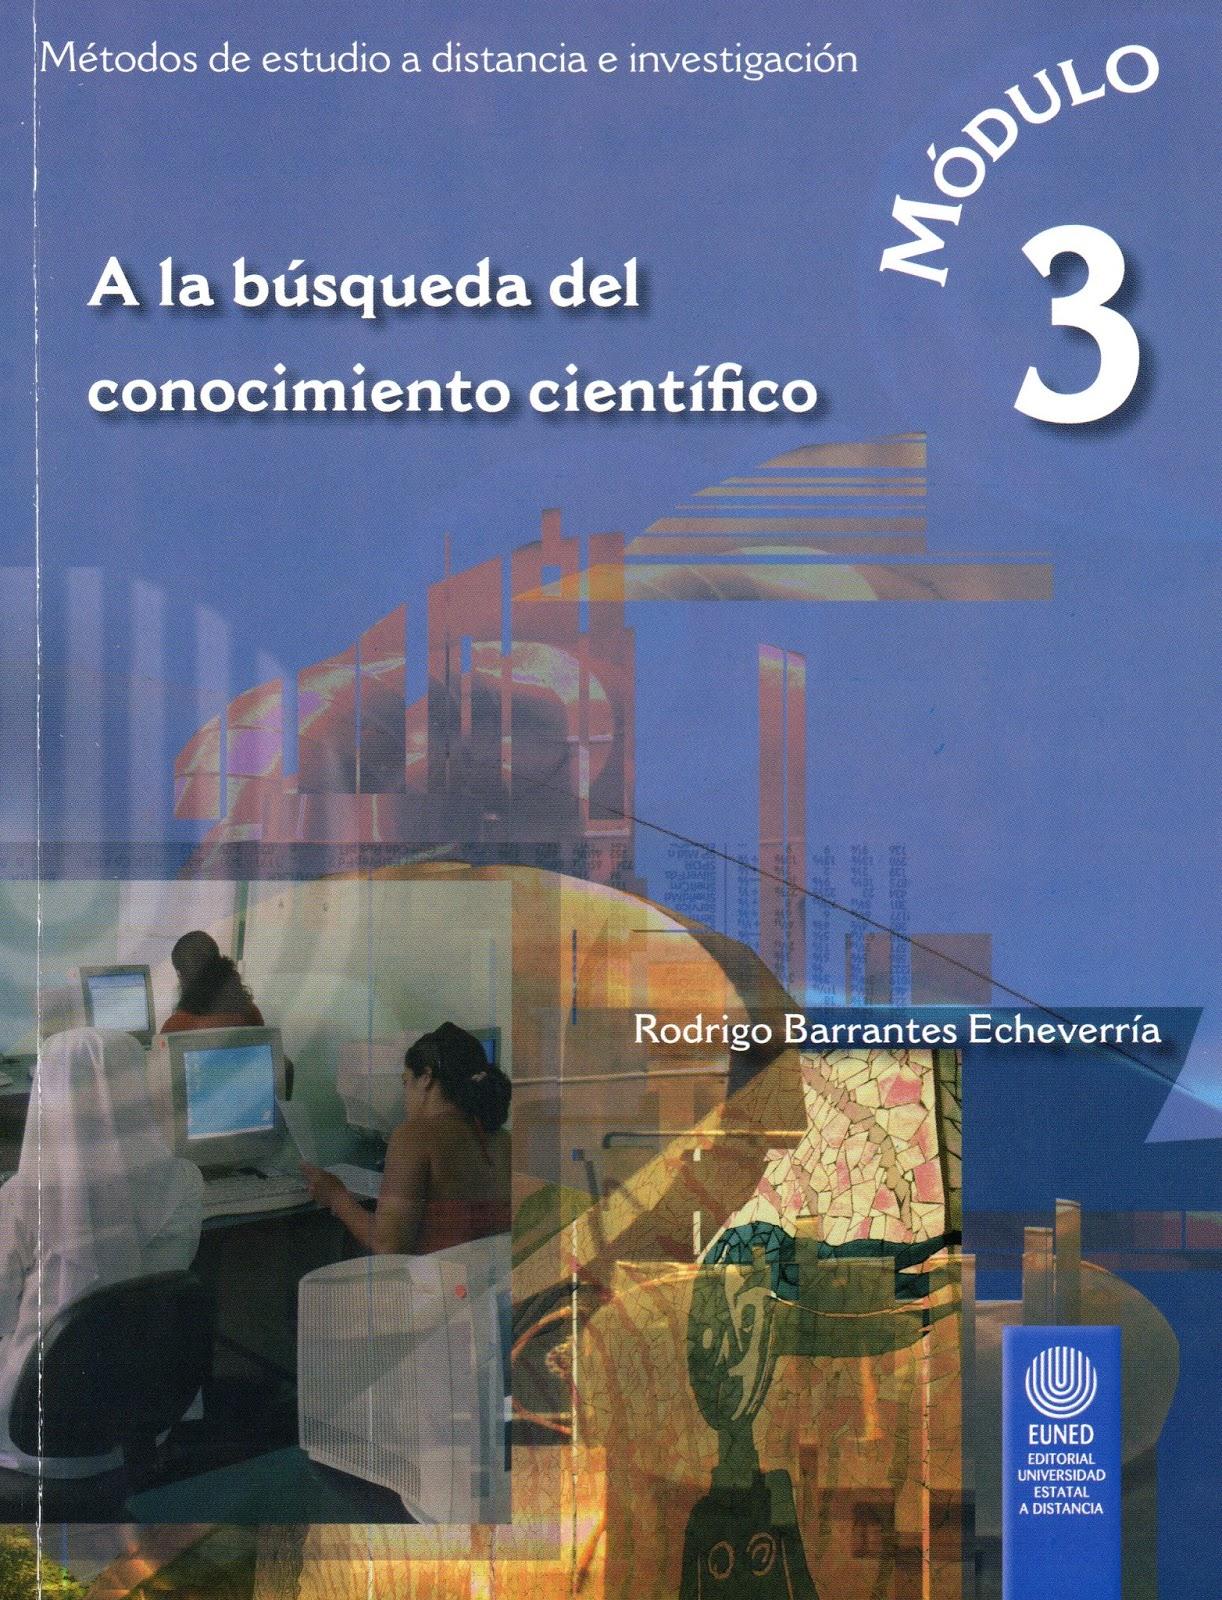 Curso 055 Métodos de Estudio a Distancia e Investigación